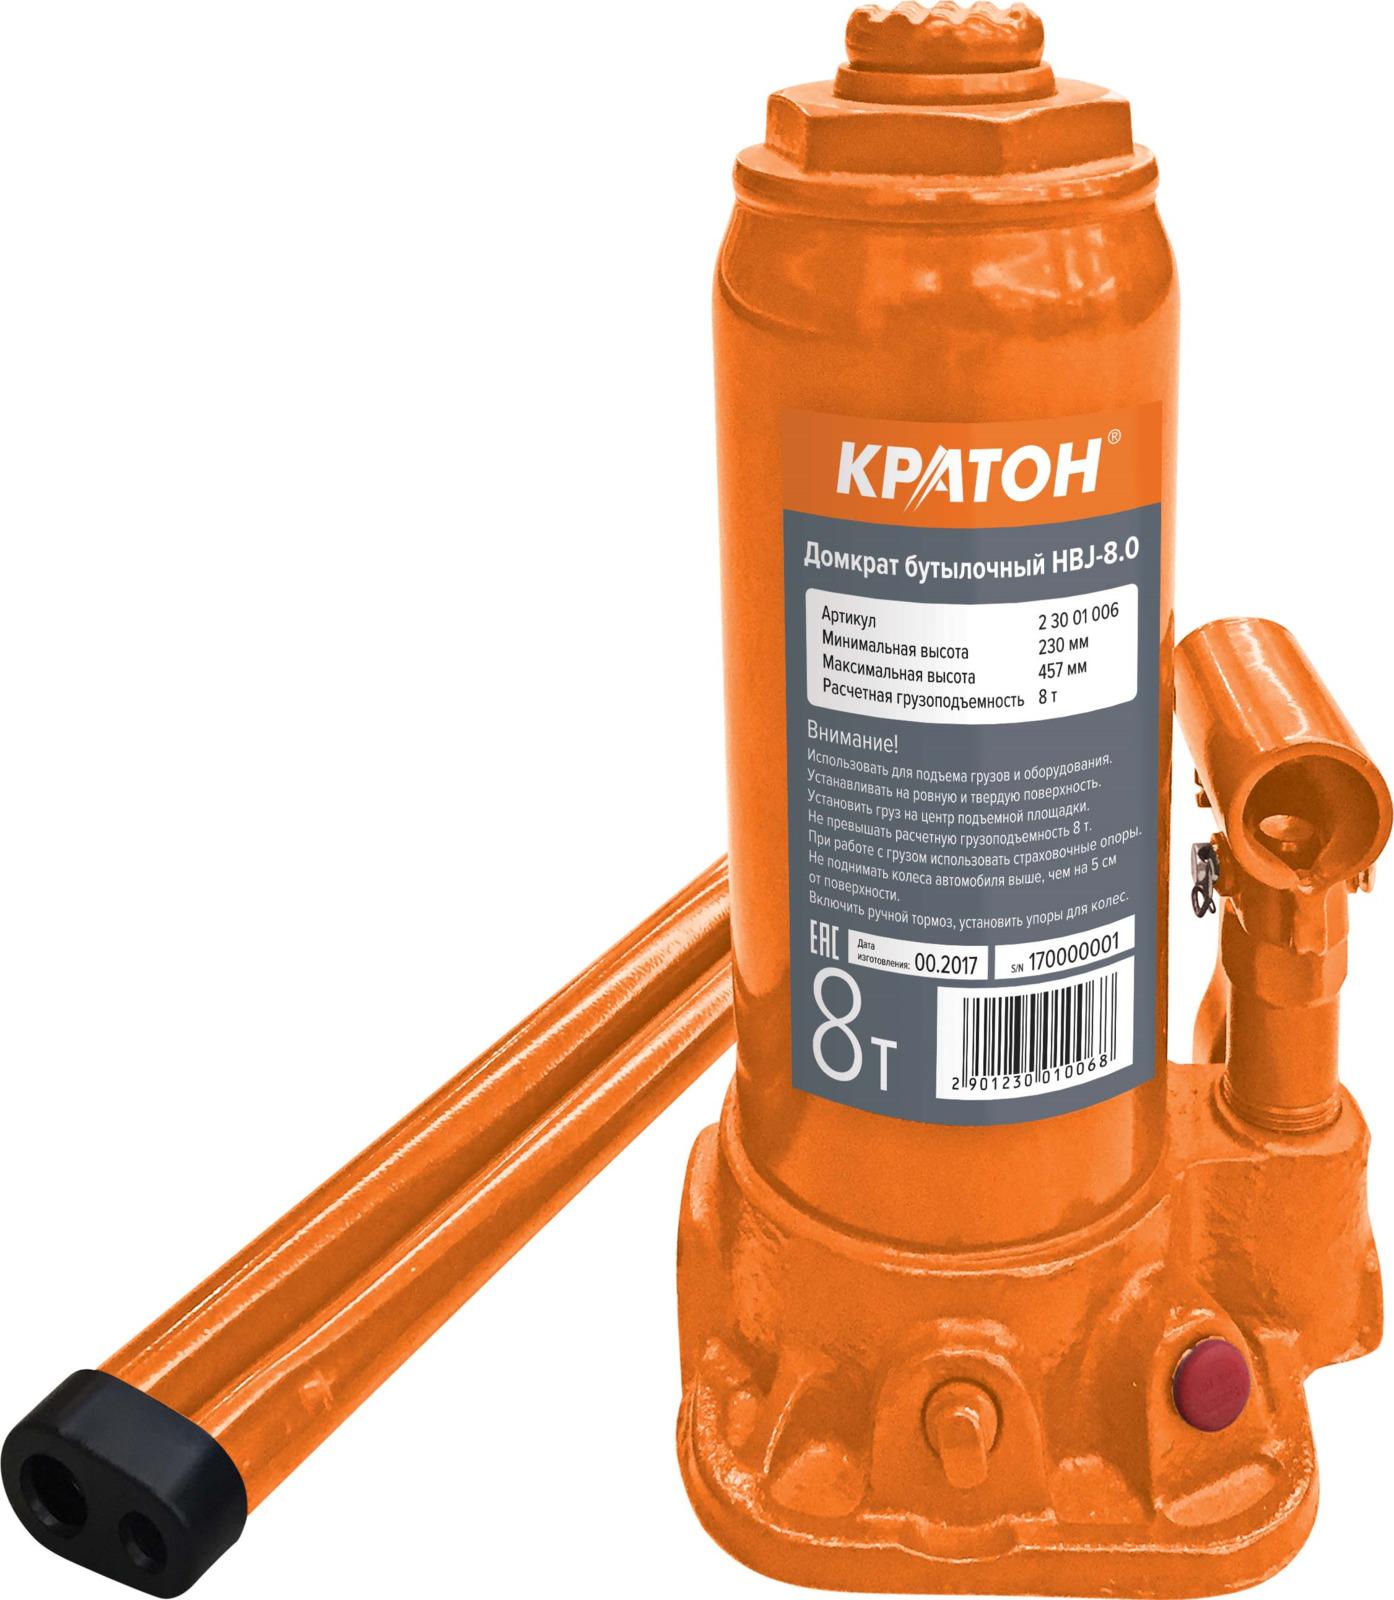 Домкрат бутылочный Кратон HBJ-8.0, высота подъема 46 см